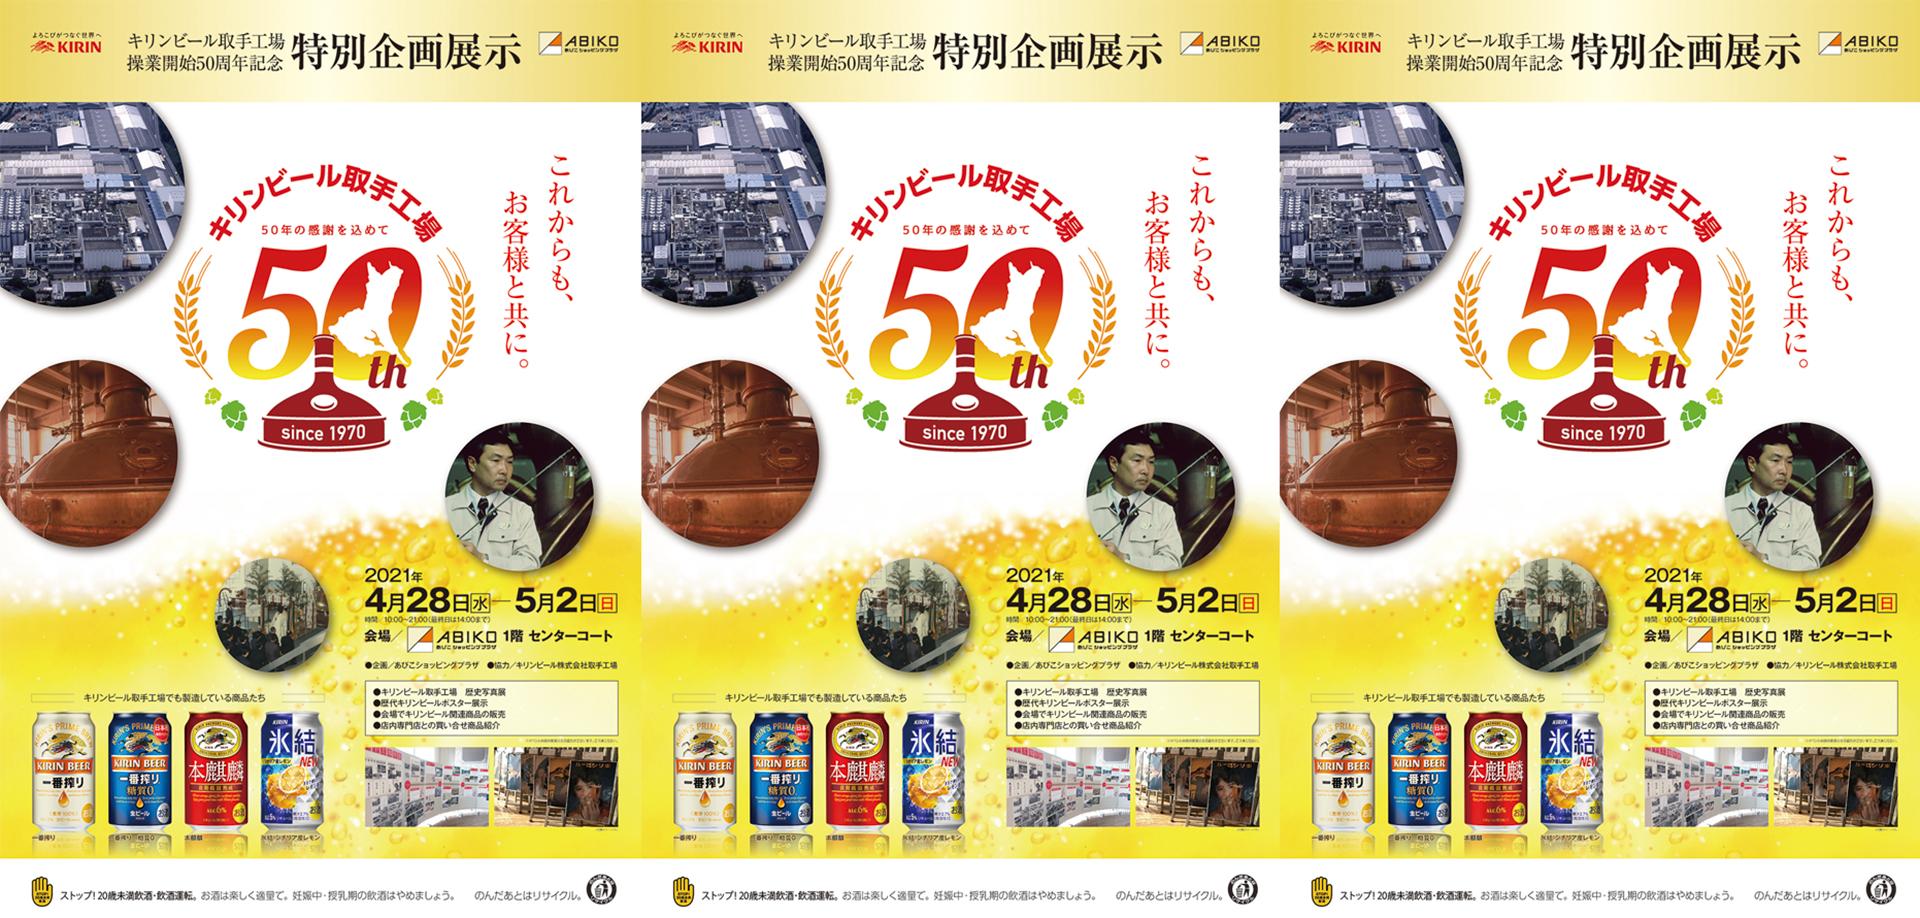 キリンビール取手工場操業開始50周年記念展